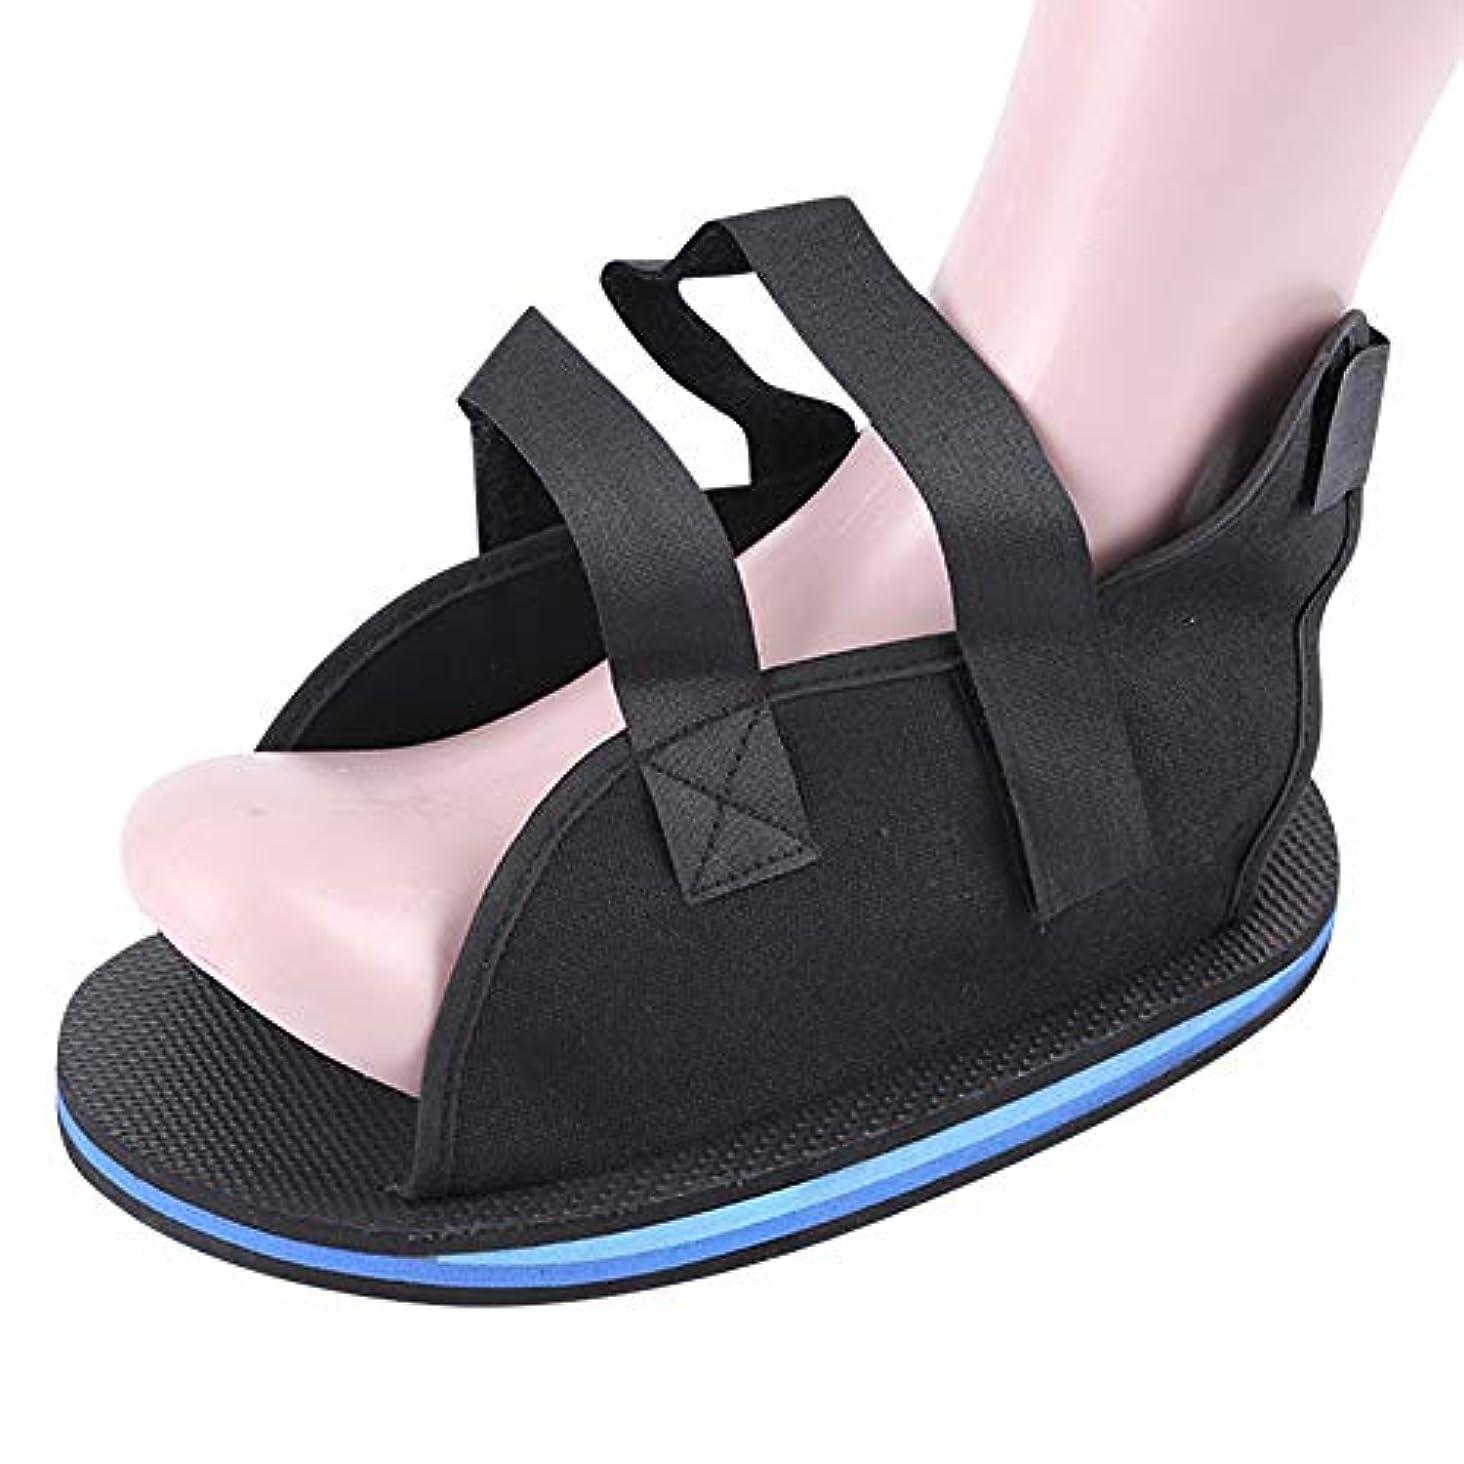 花婿フルーツ船外uirendjsf 術後石膏靴 - 石膏靴 足骨折 靴カバー 保護足 リハビリテーション 手術靴